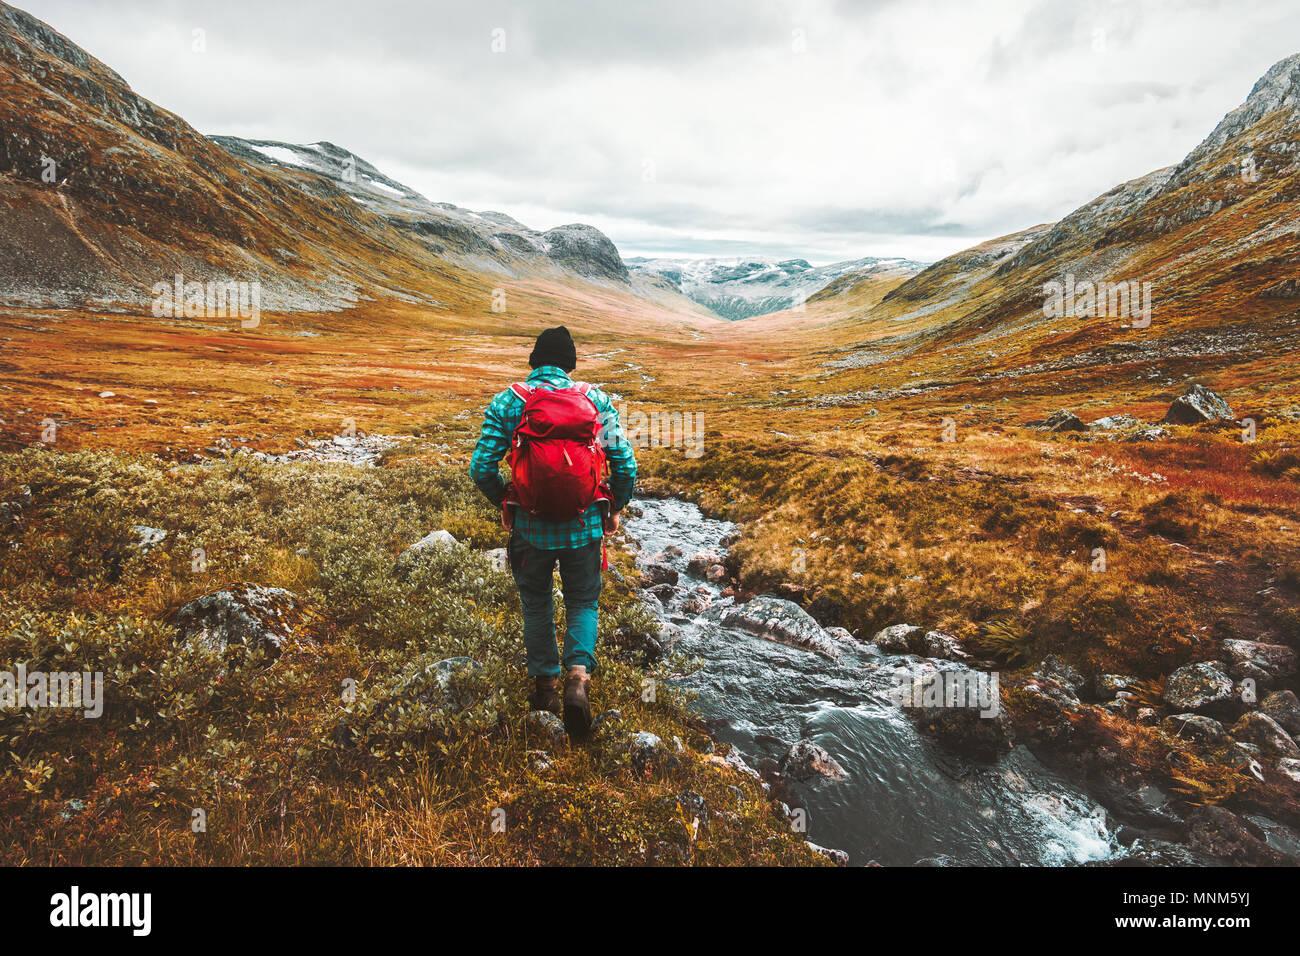 Reisen Mann Tourist mit Rucksack wandern in die berge Landschaft Aktiv gesund Lifestyle Abenteuer Urlaub in Skandinavien Stockbild